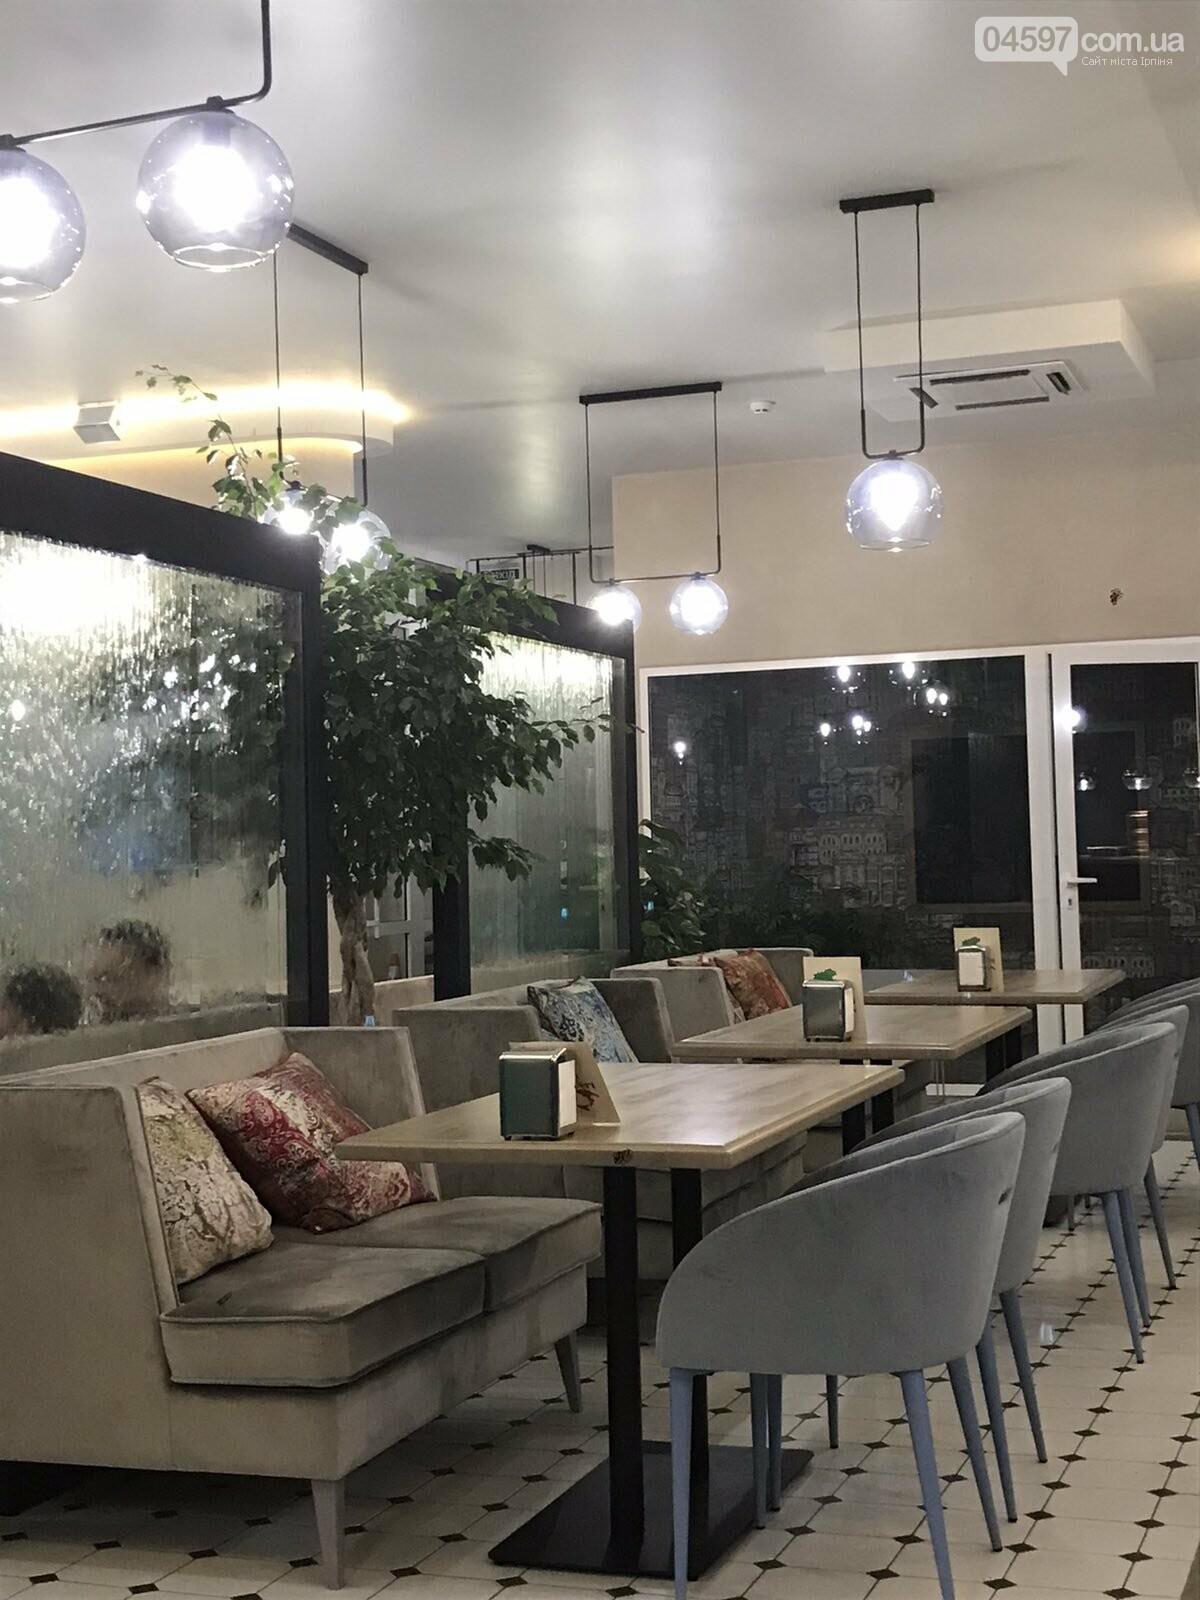 Sapori Veri в Ірпені - вся правда про новий ресторан, фото-5